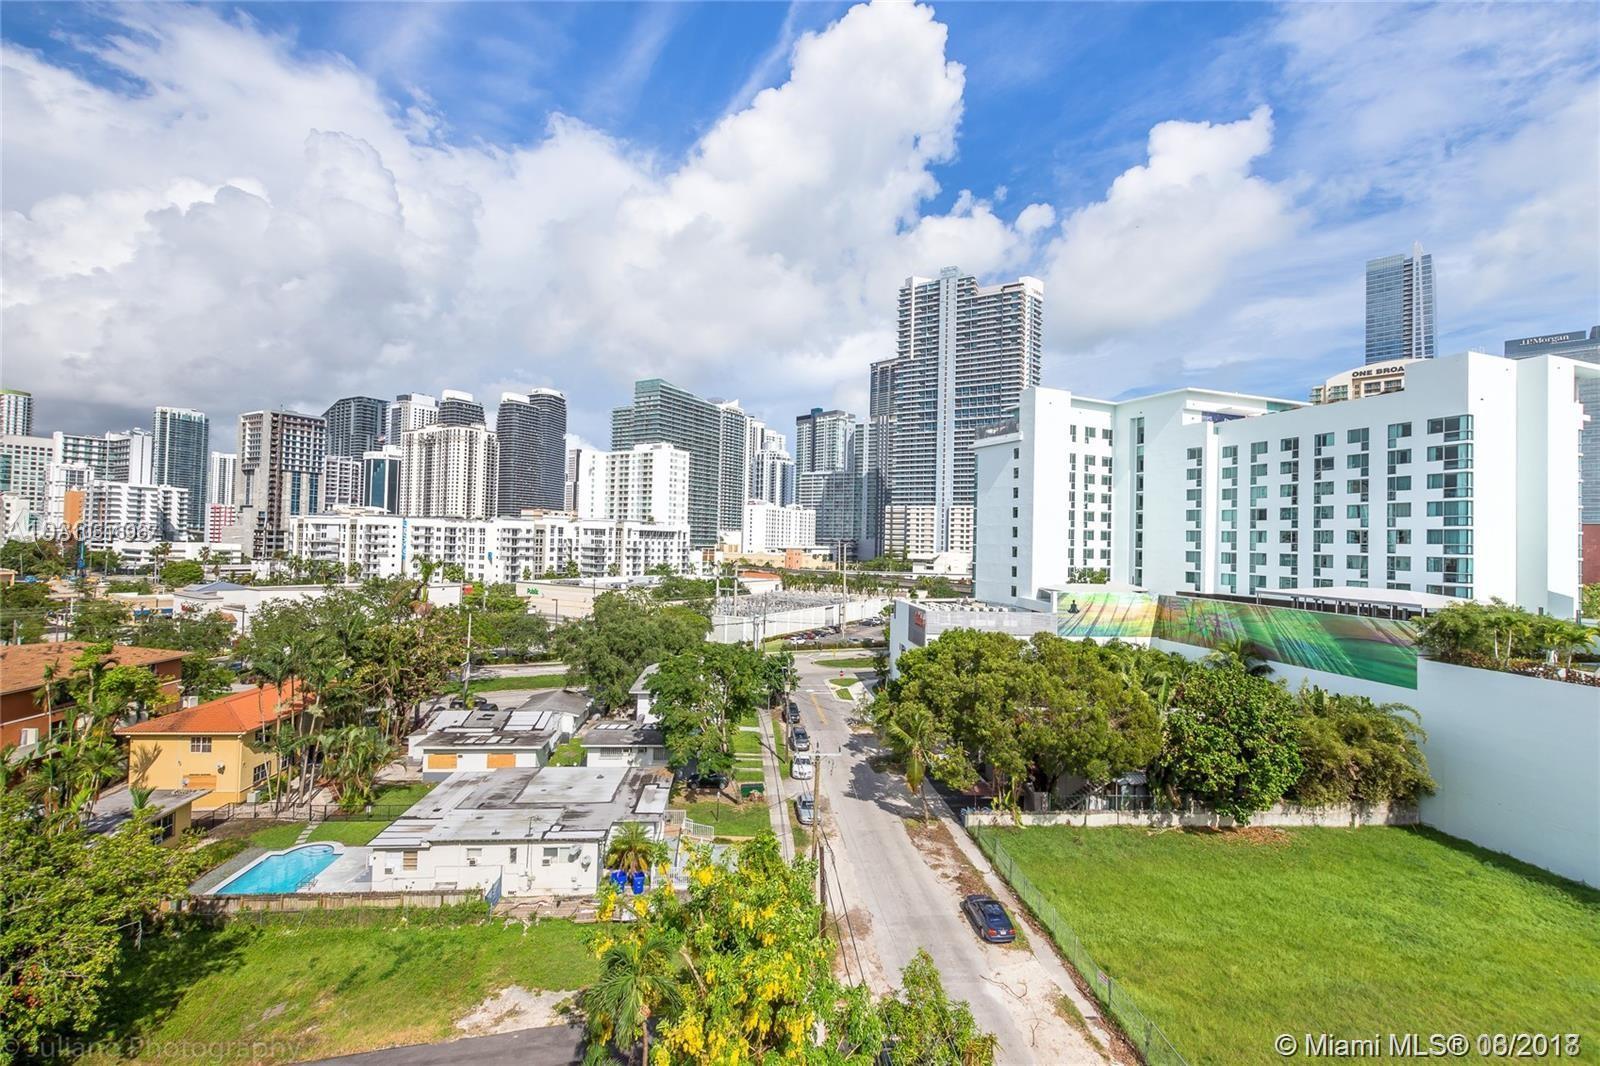 201 SW 17th Rd, Miami, FL 33129, Cassa Brickell #502, Brickell, Miami A10516967 image #17